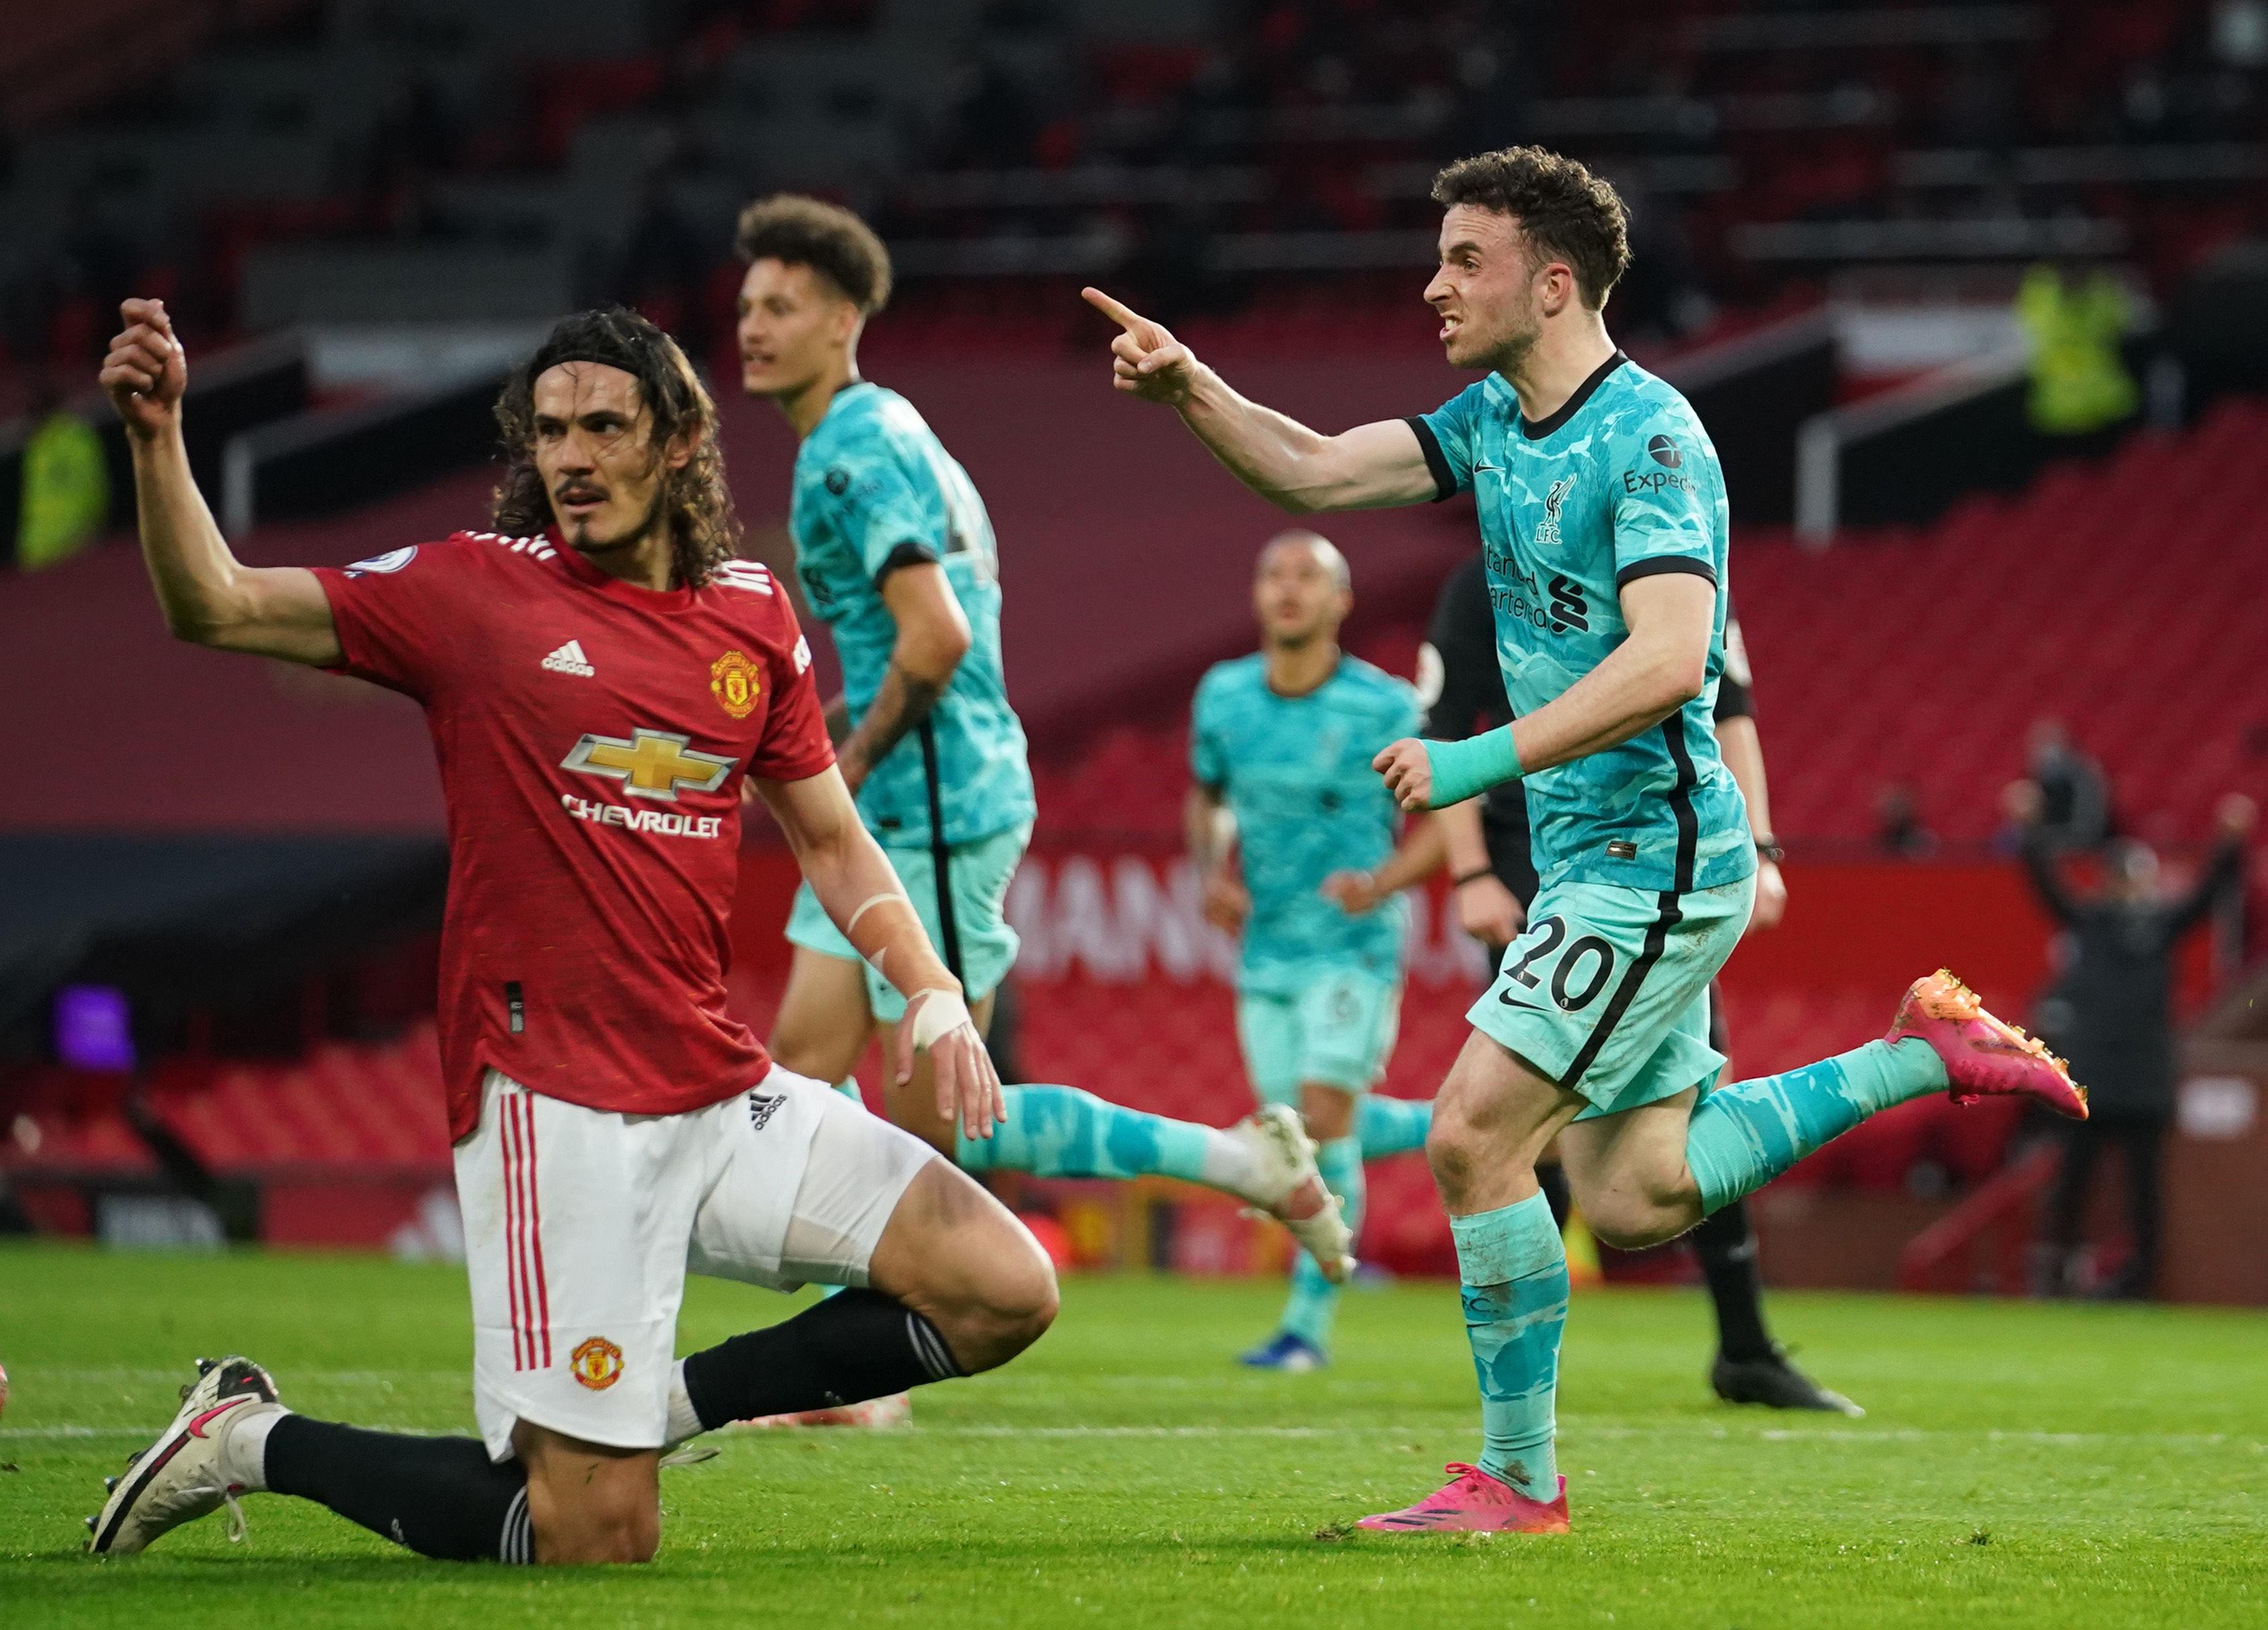 АПЛ. Манчестер Юнайтед - Ливерпуль 2:4. Историческая победа и возрождение надежд Ливерпуля на топ-4 - изображение 1